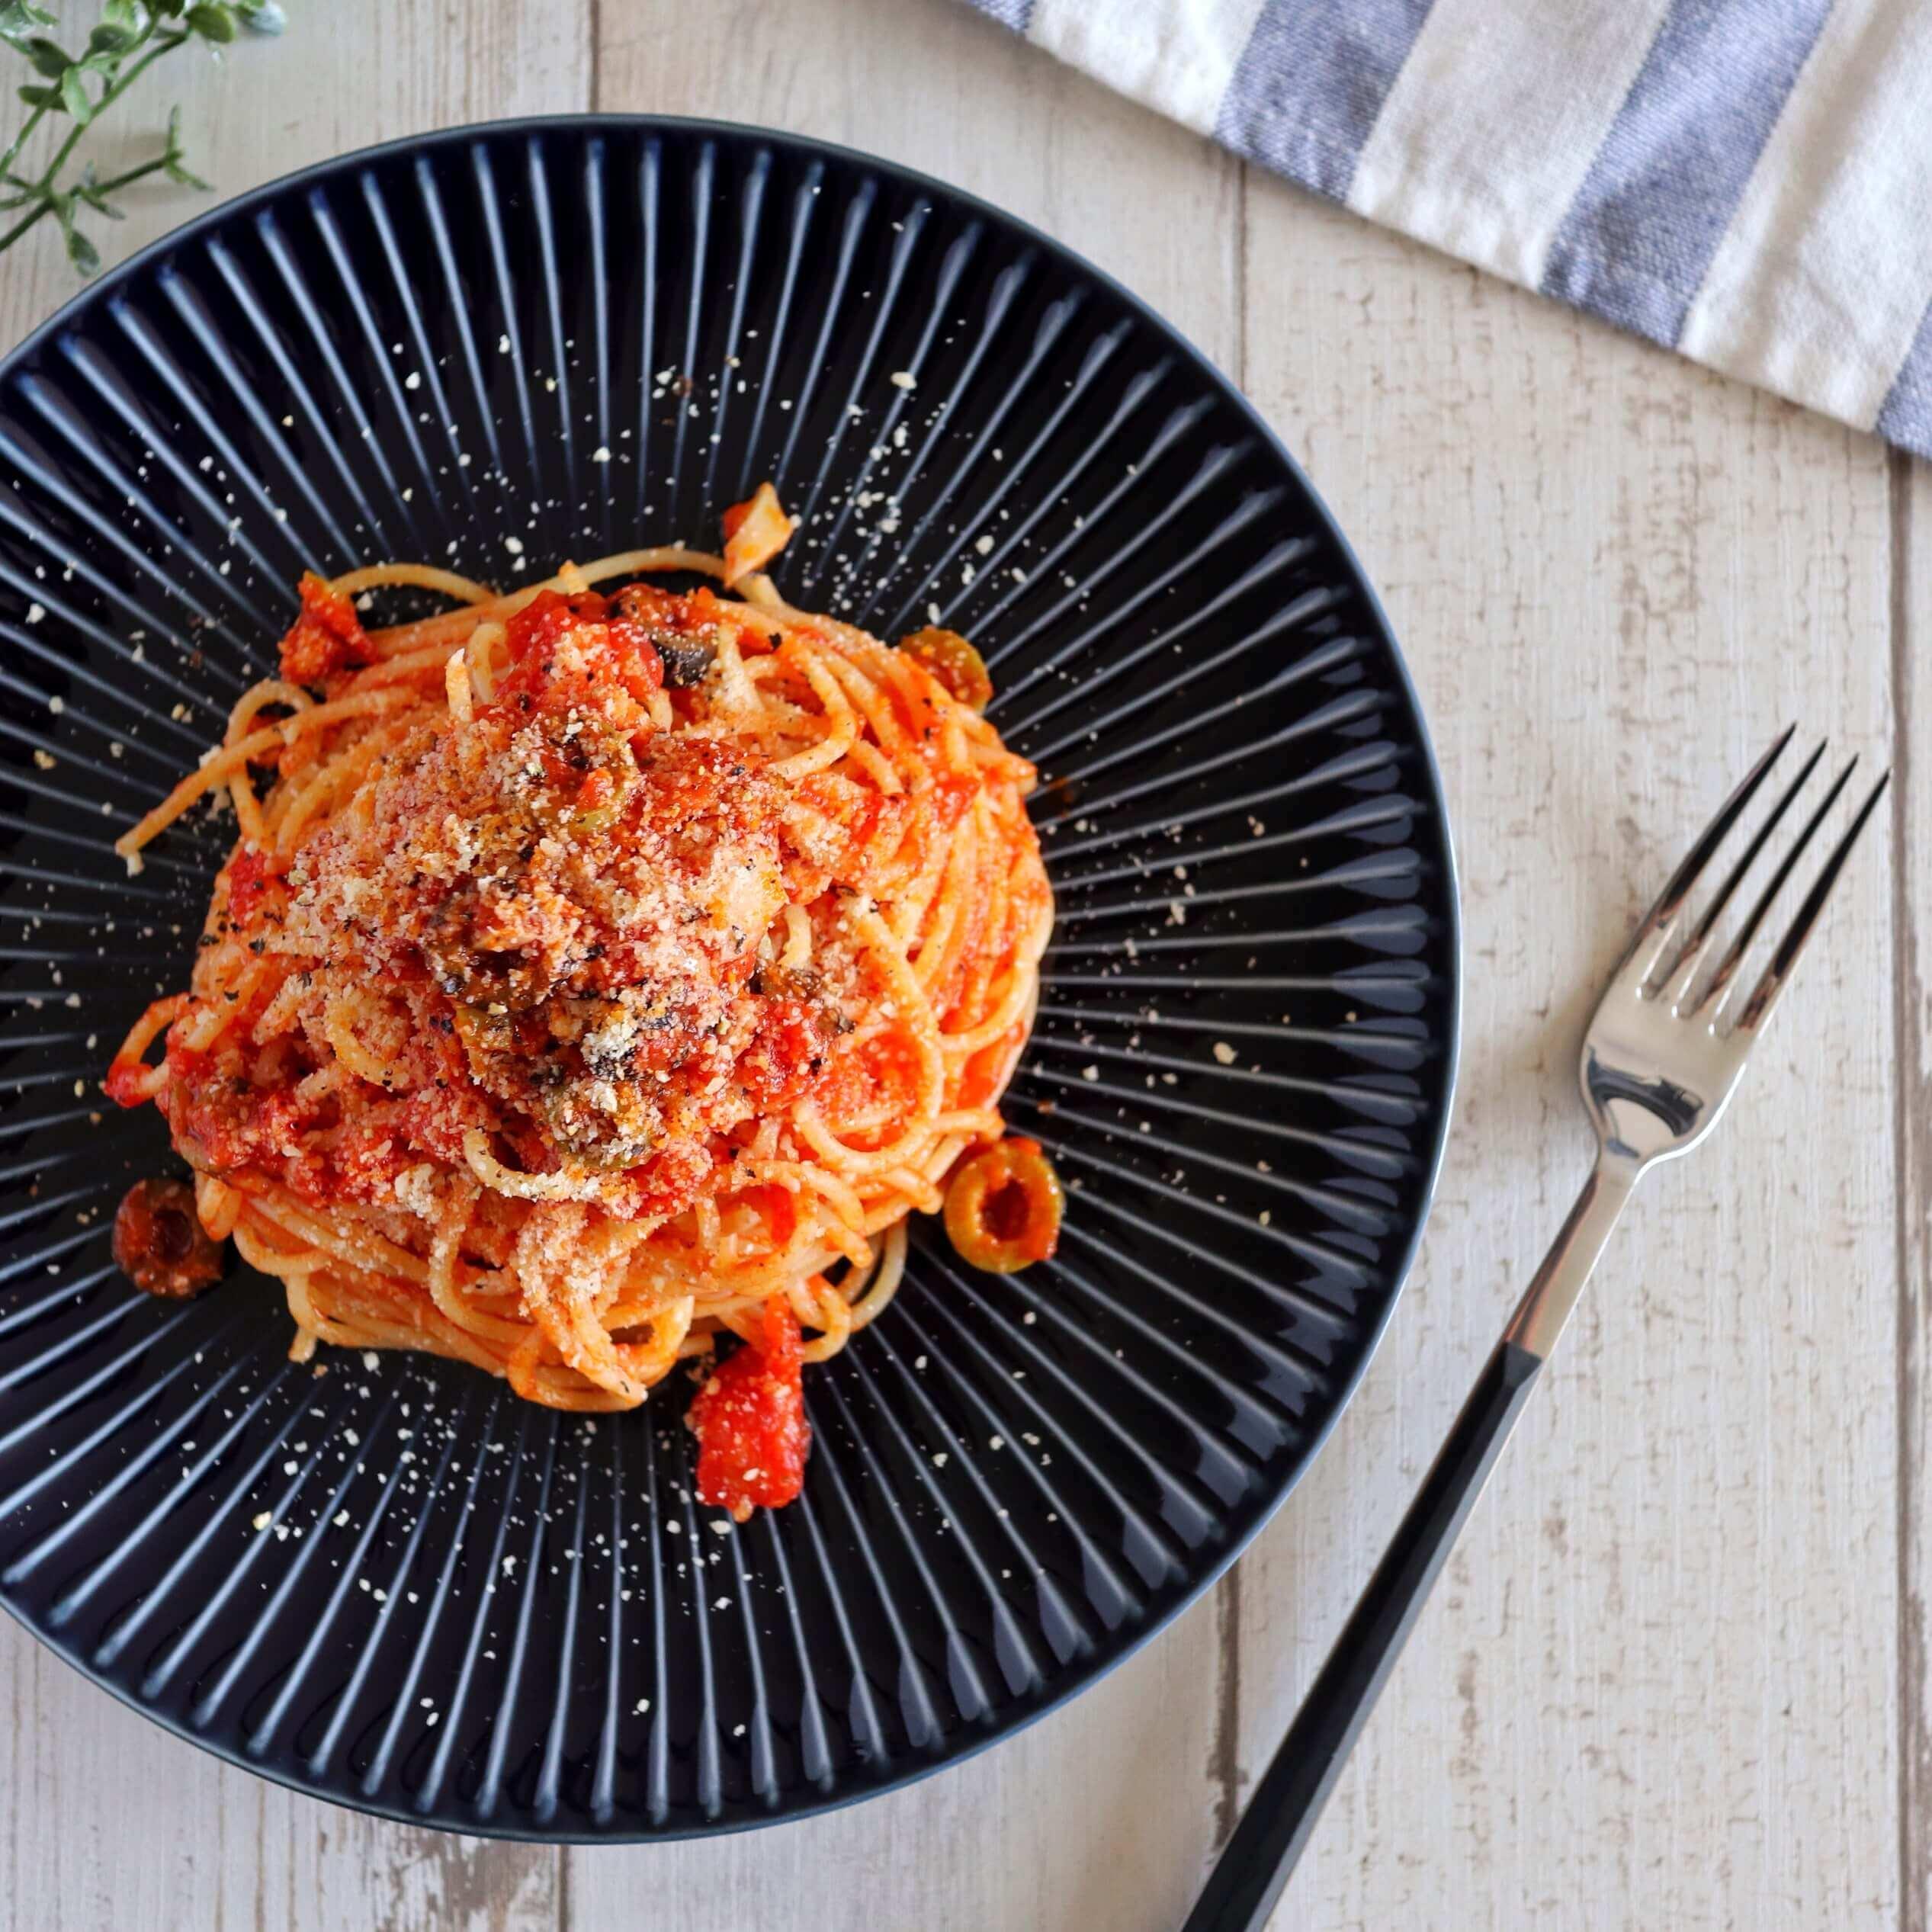 【簡単ランチに】オリーブのトマトパスタのレシピ